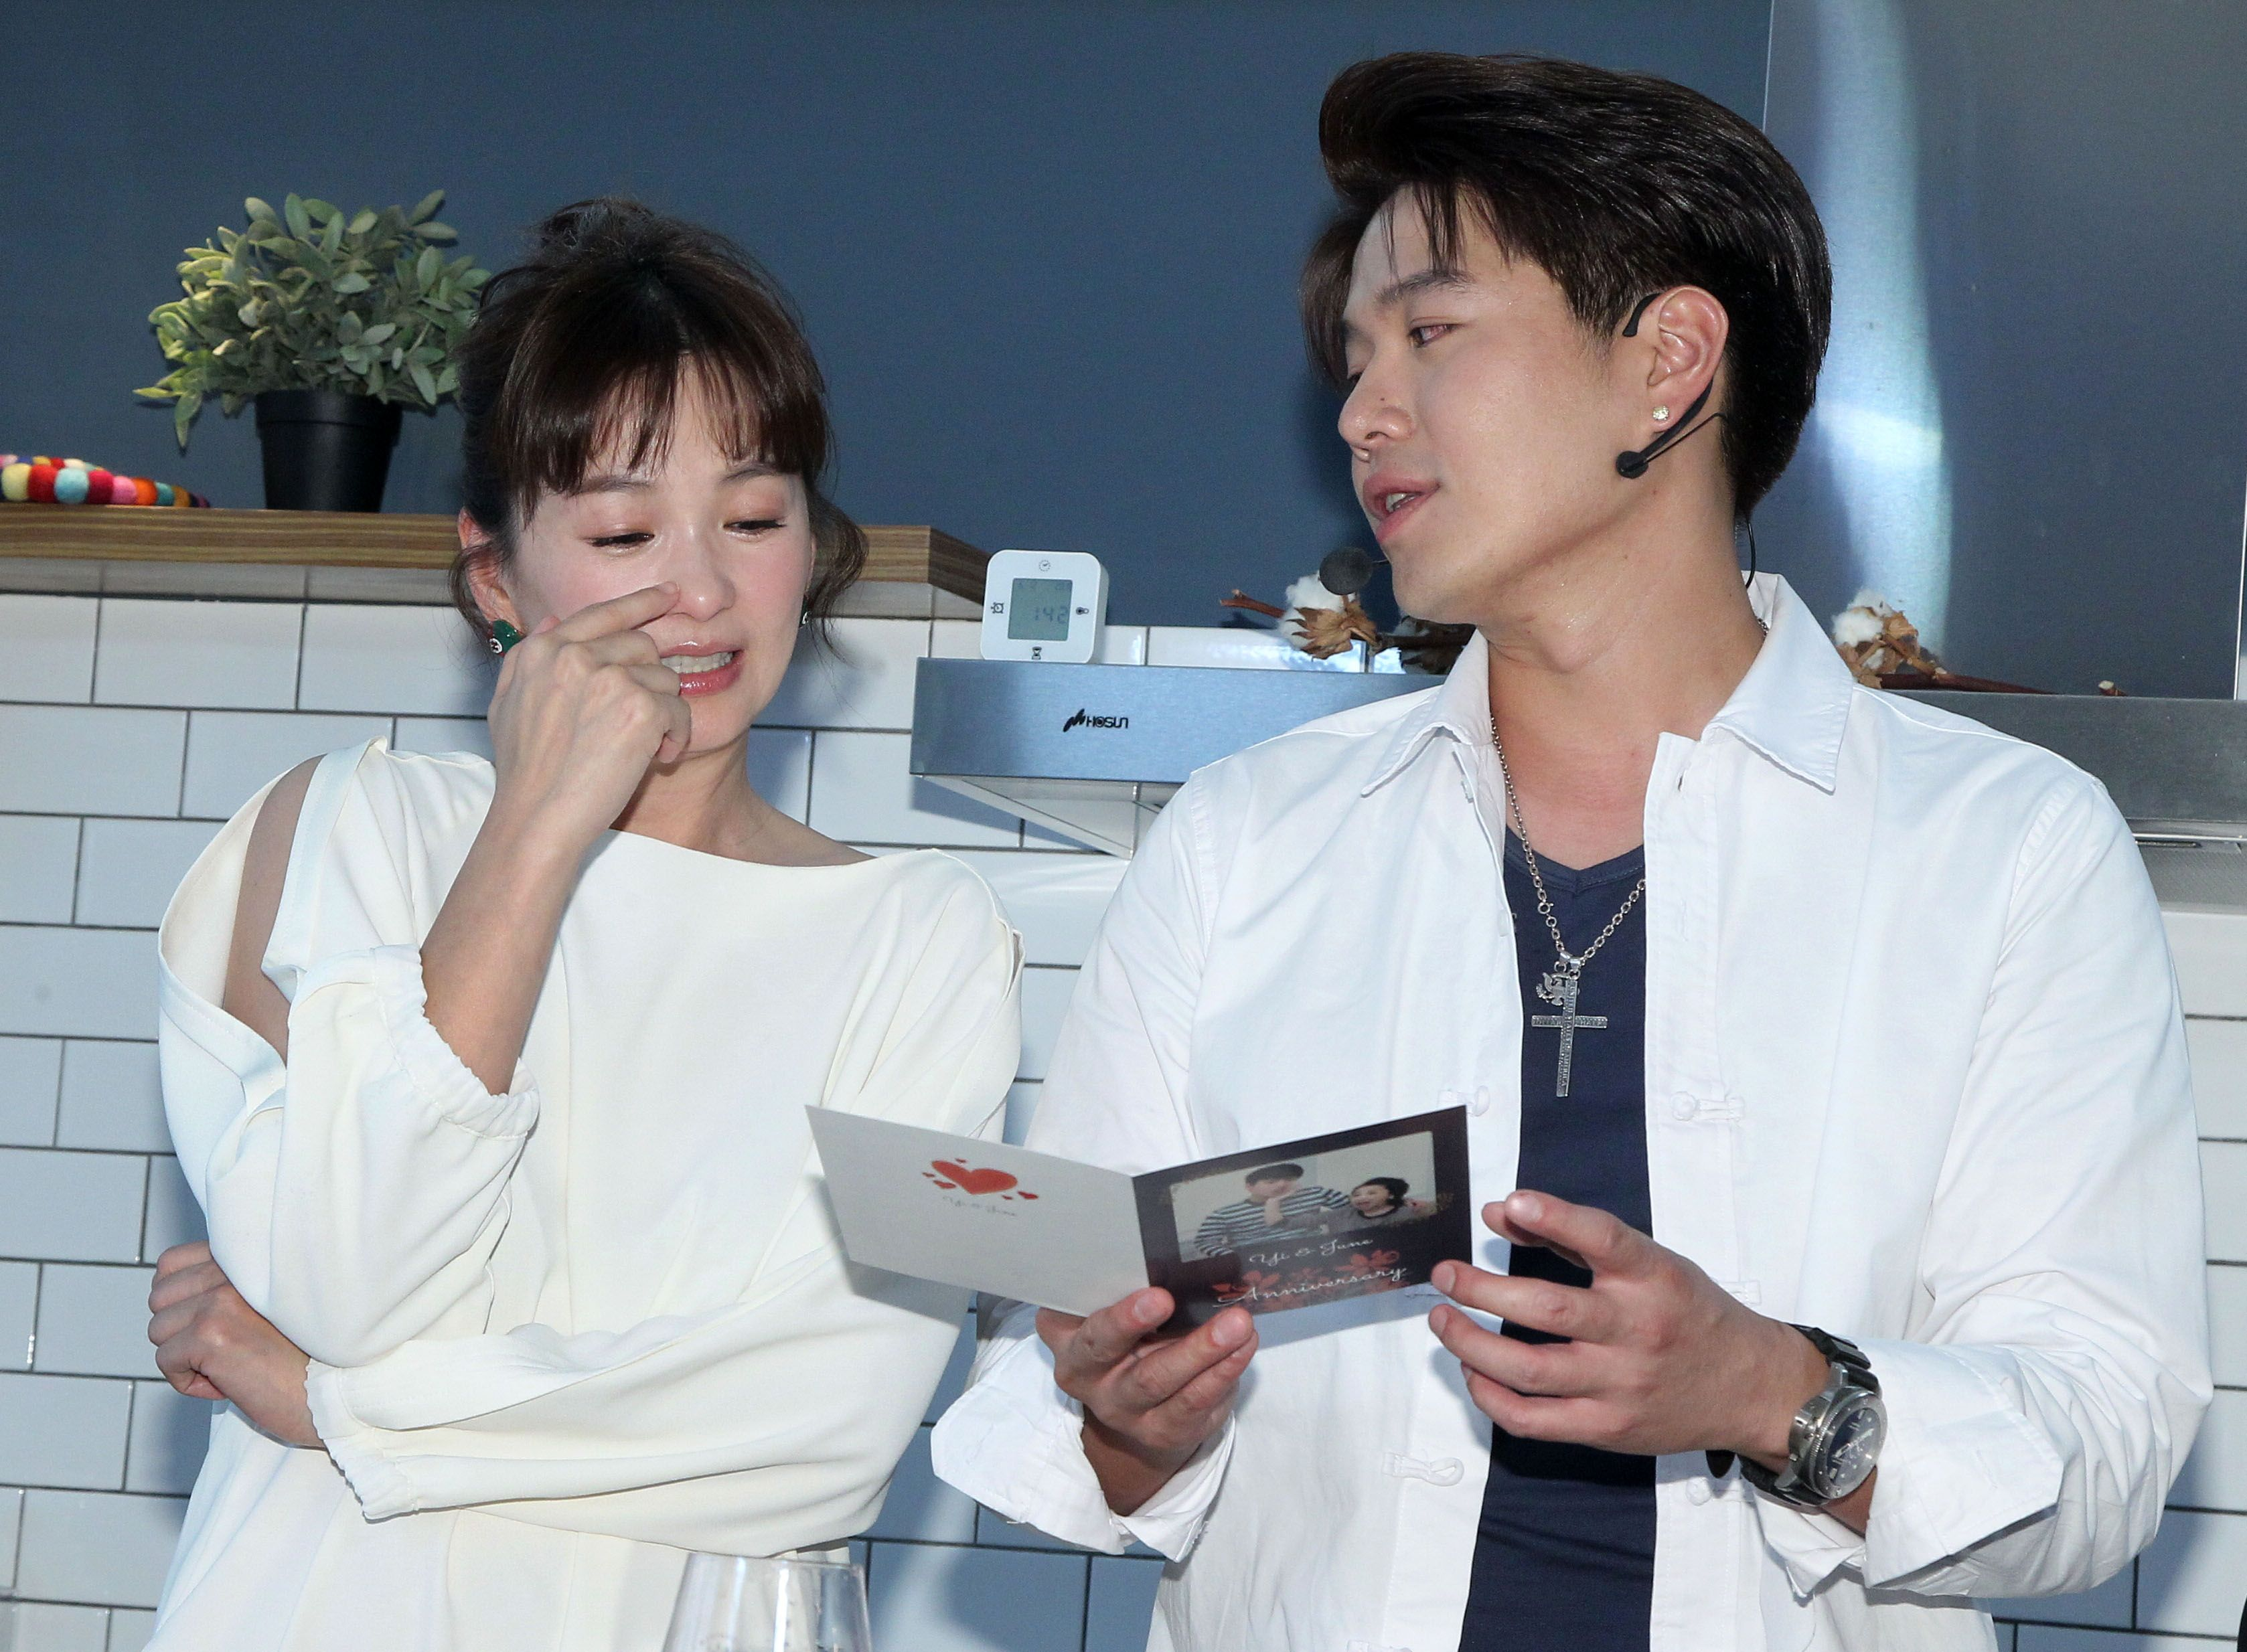 李易、六月兩人結婚7周年,李易寫了一張卡片給六月,讓六月眼眶含淚。(記者邱榮吉/攝影)(喝酒勿開車